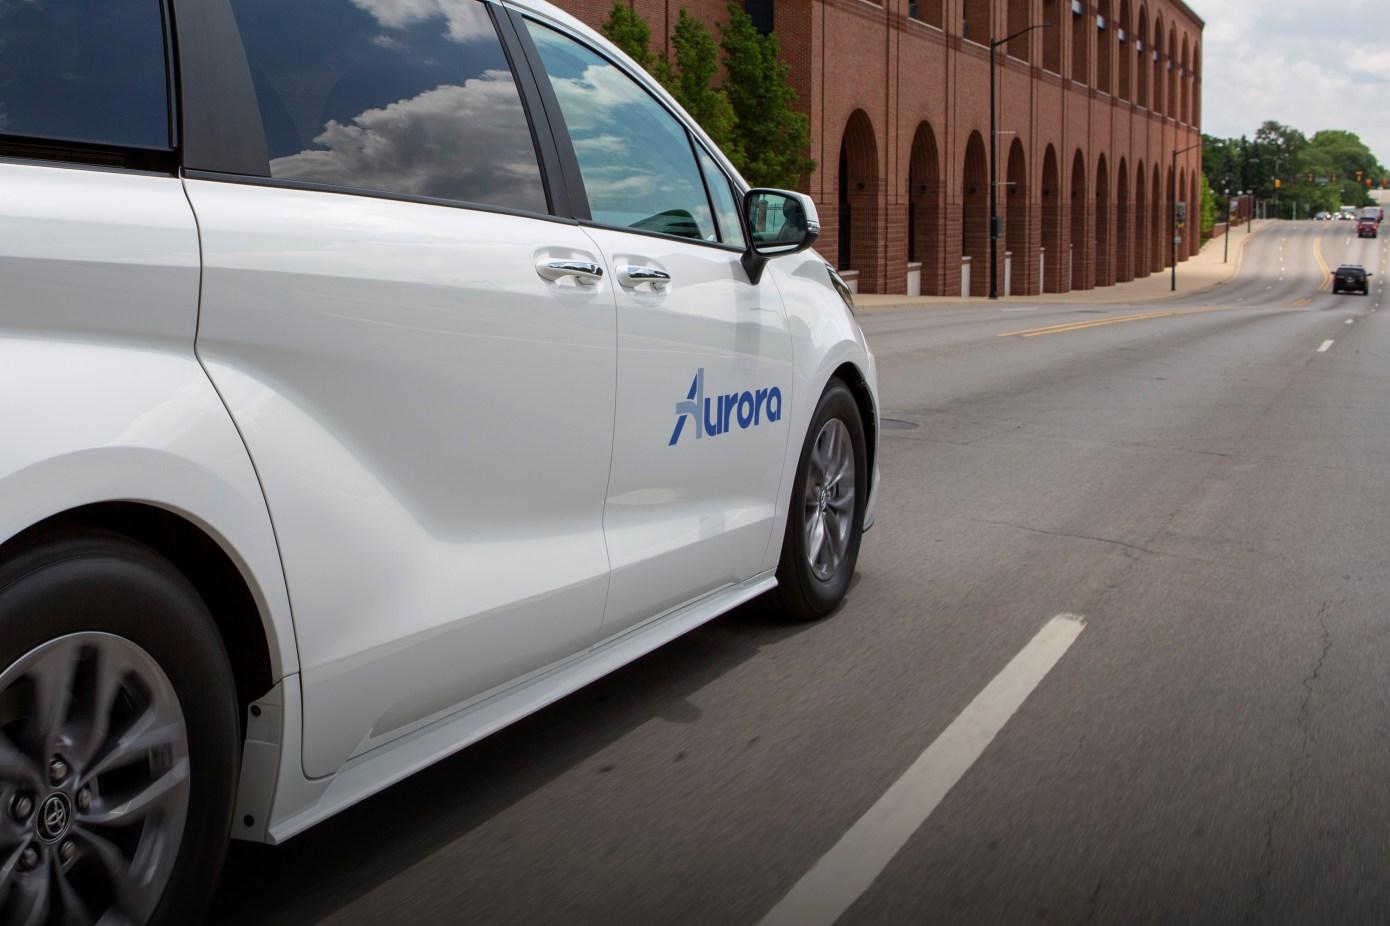 Aurora conclut un accord avec Toyota et Denso pour développer et tester des mini-fourgonnettes Sienna autonomes